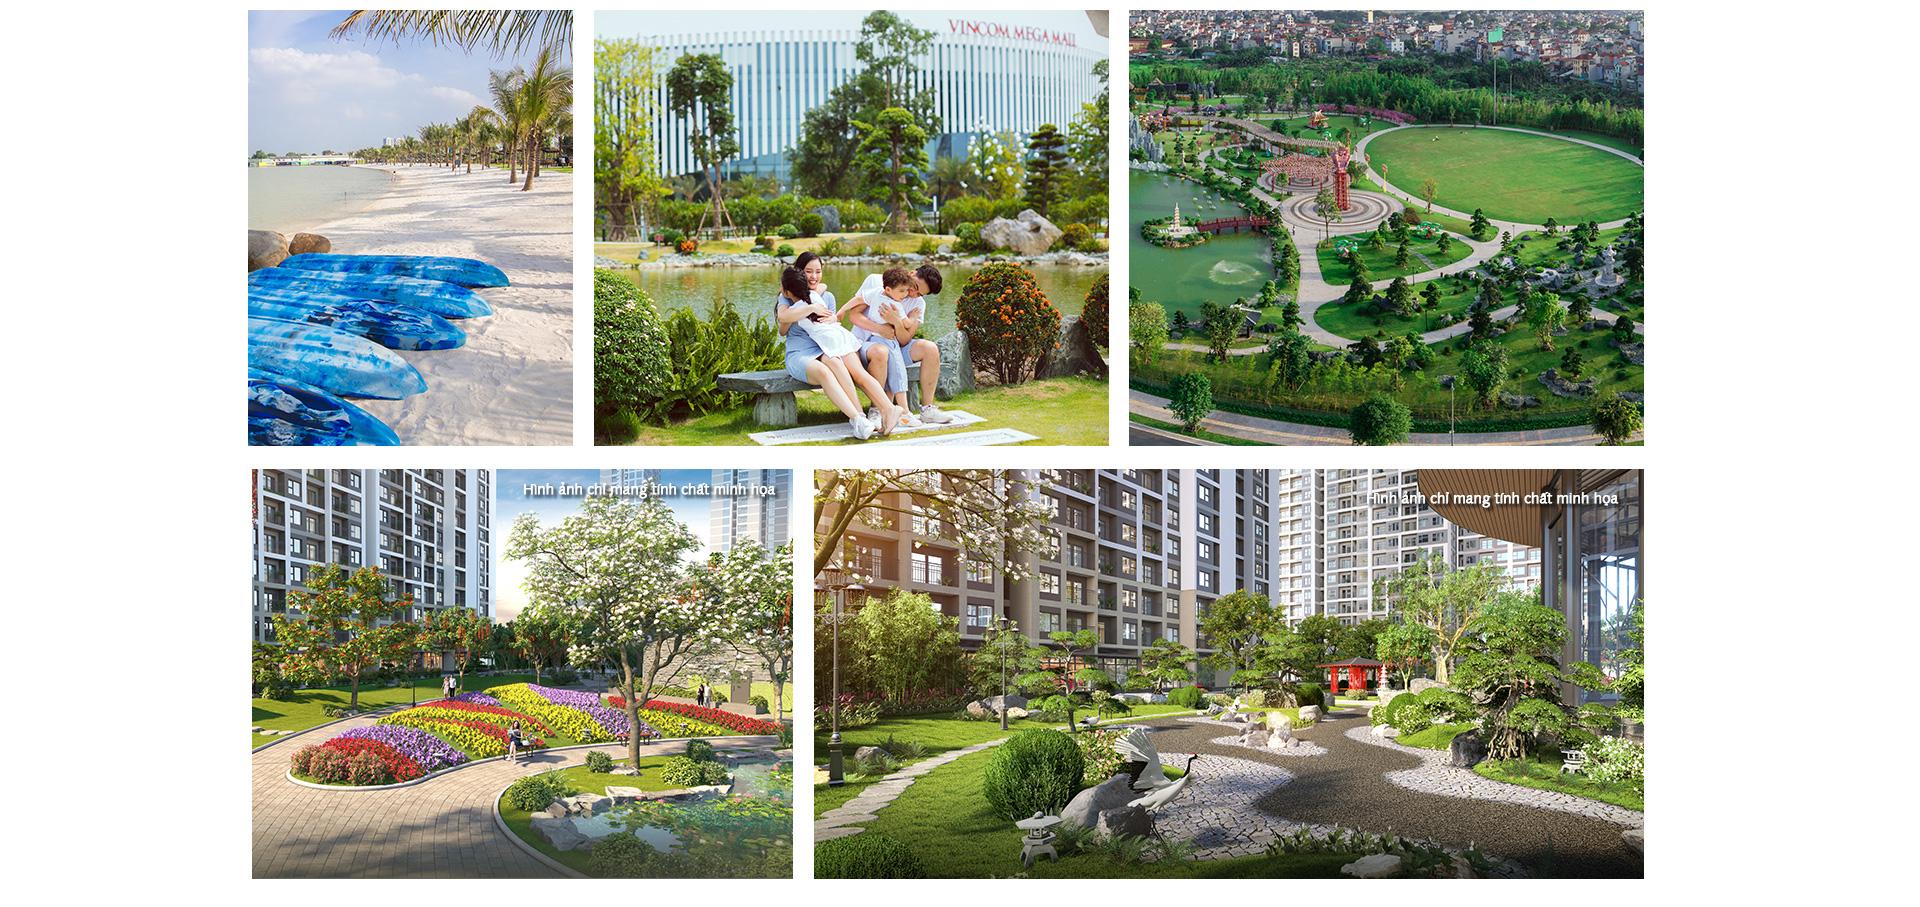 Trung tâm mới phía Tây Hà Nội thu hút nhà đầu tư quốc tế - Ảnh 11.